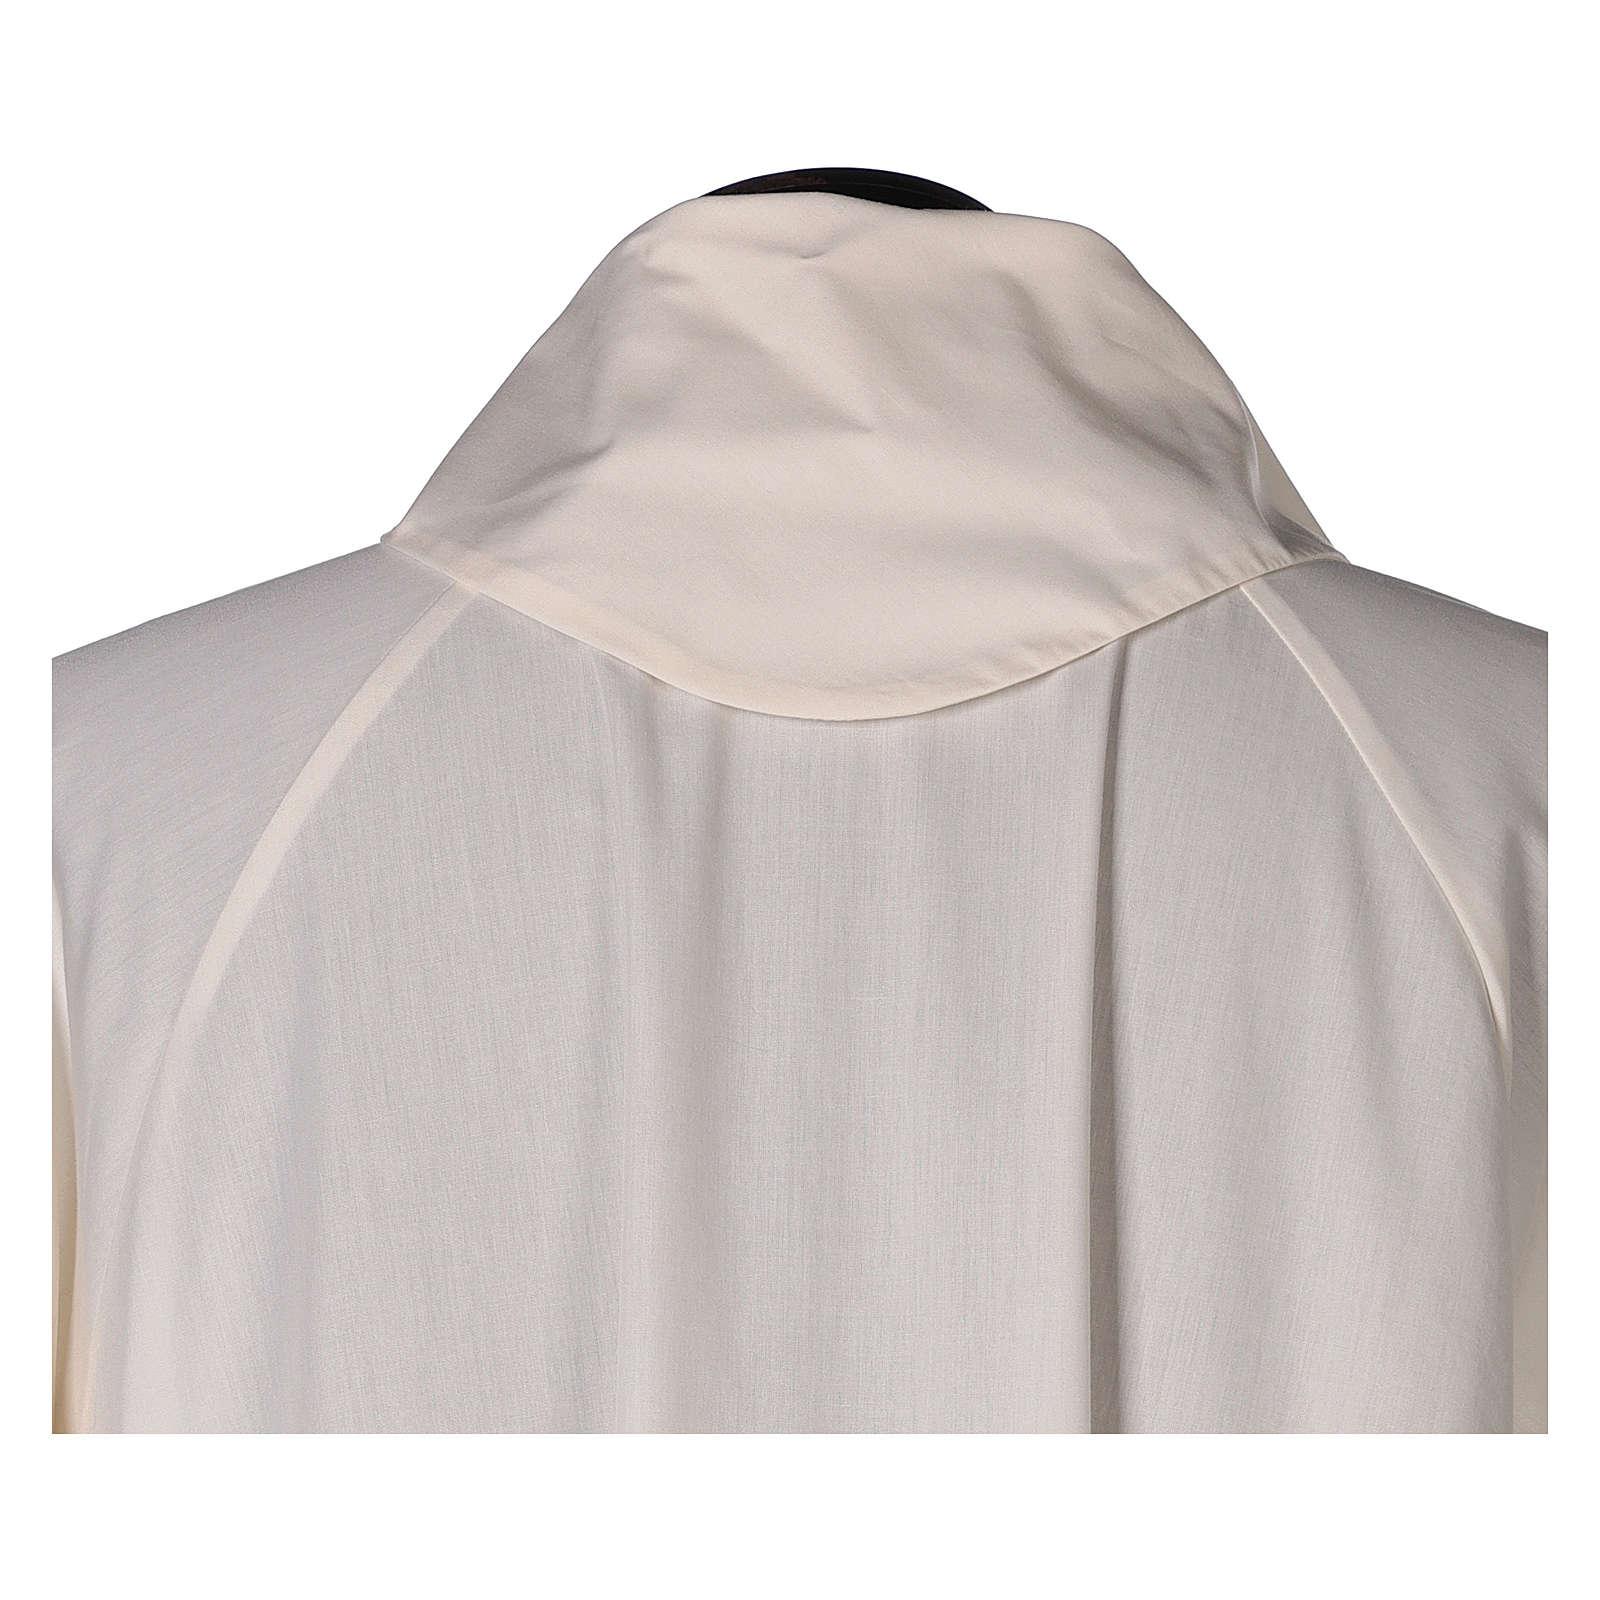 Camice avorio 65% poliestere 35% cotone svasato finto cappuccio 4